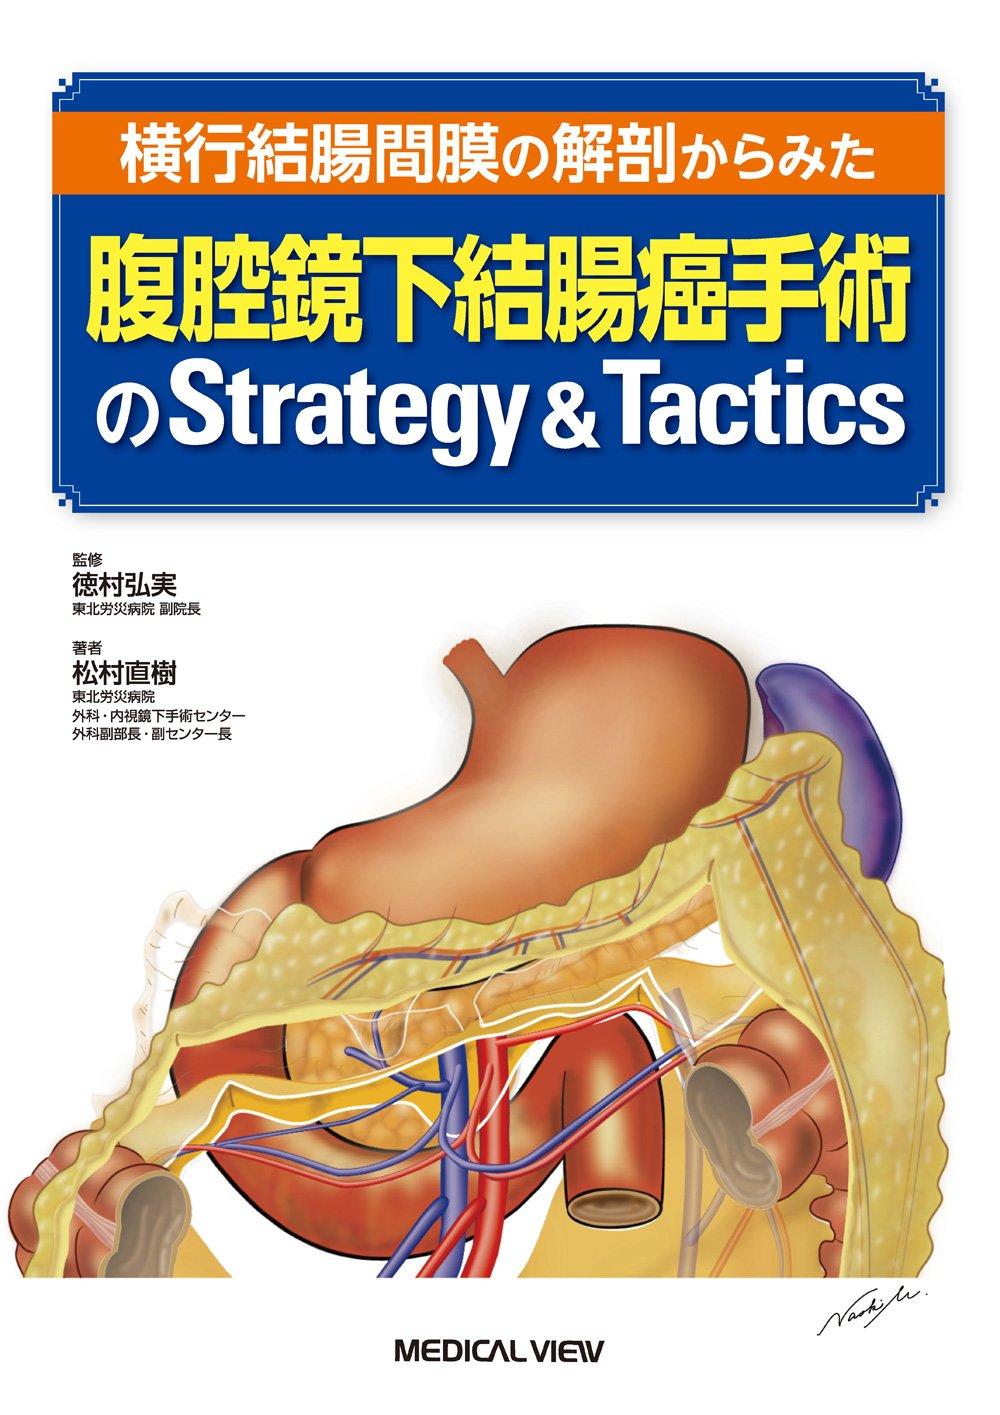 横行結腸間膜の解剖からみた 腹...